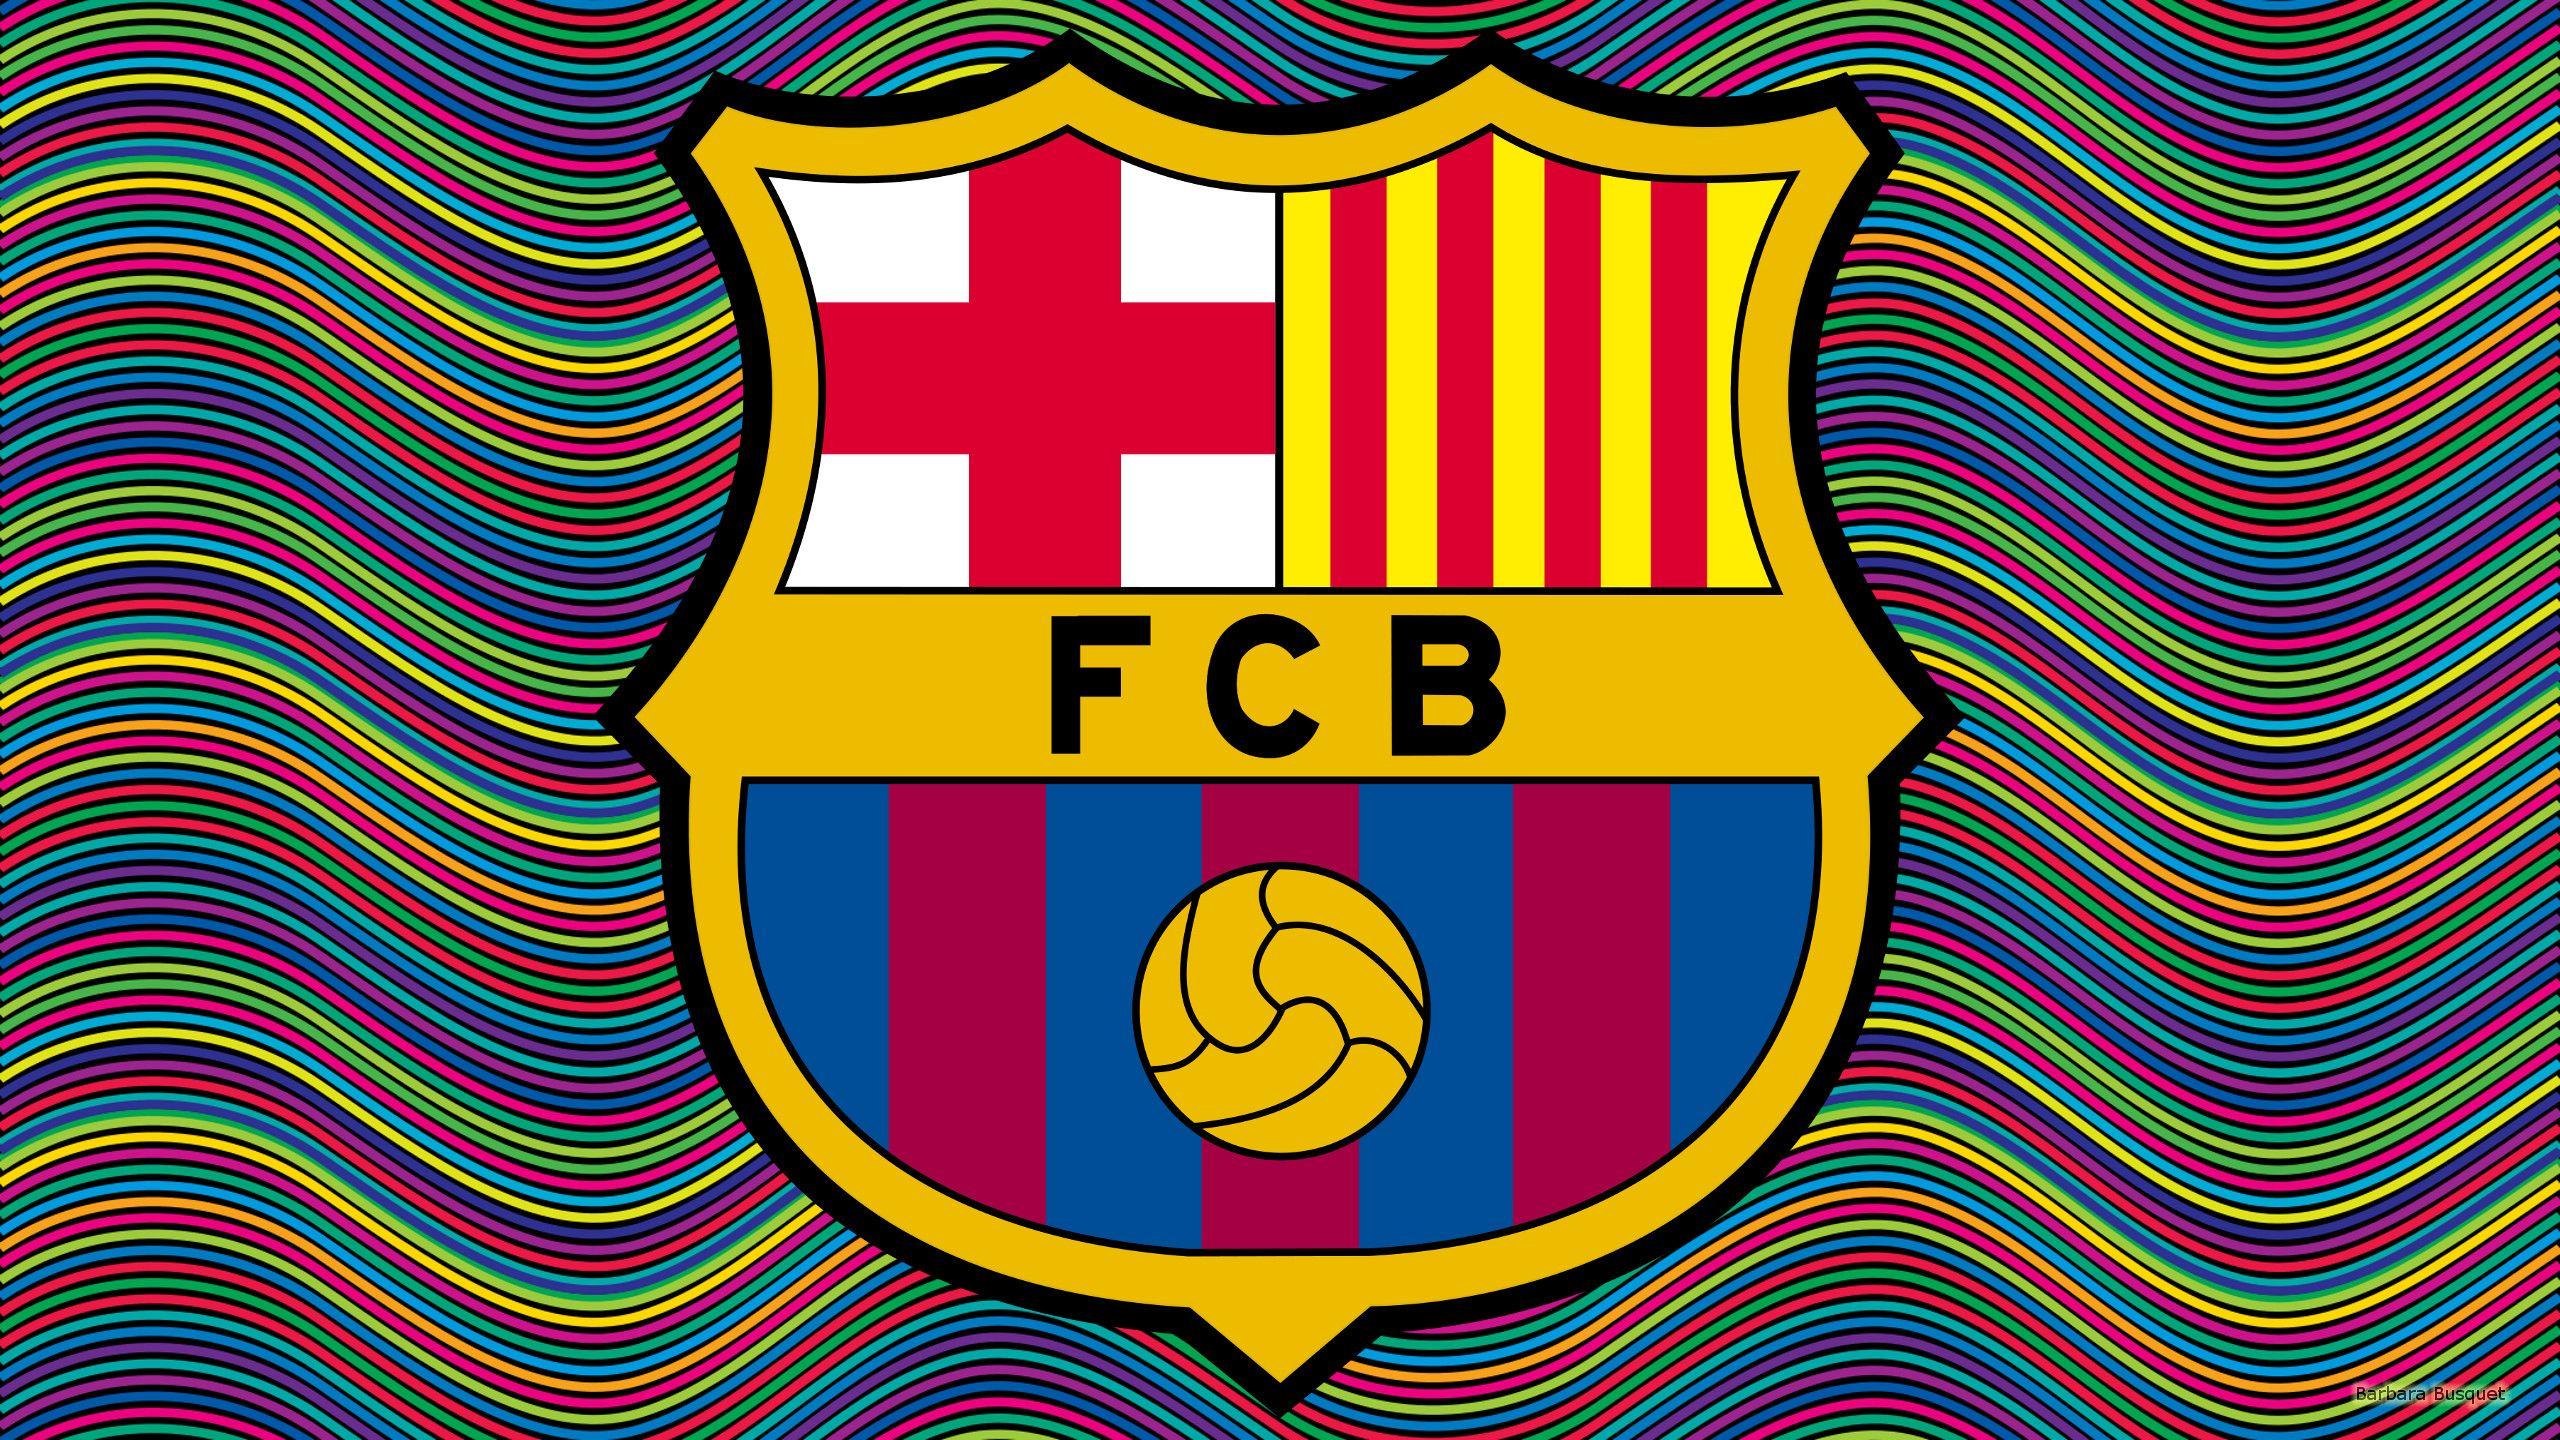 Épinglé sur FC BARCELONE LOGO (Espagne)